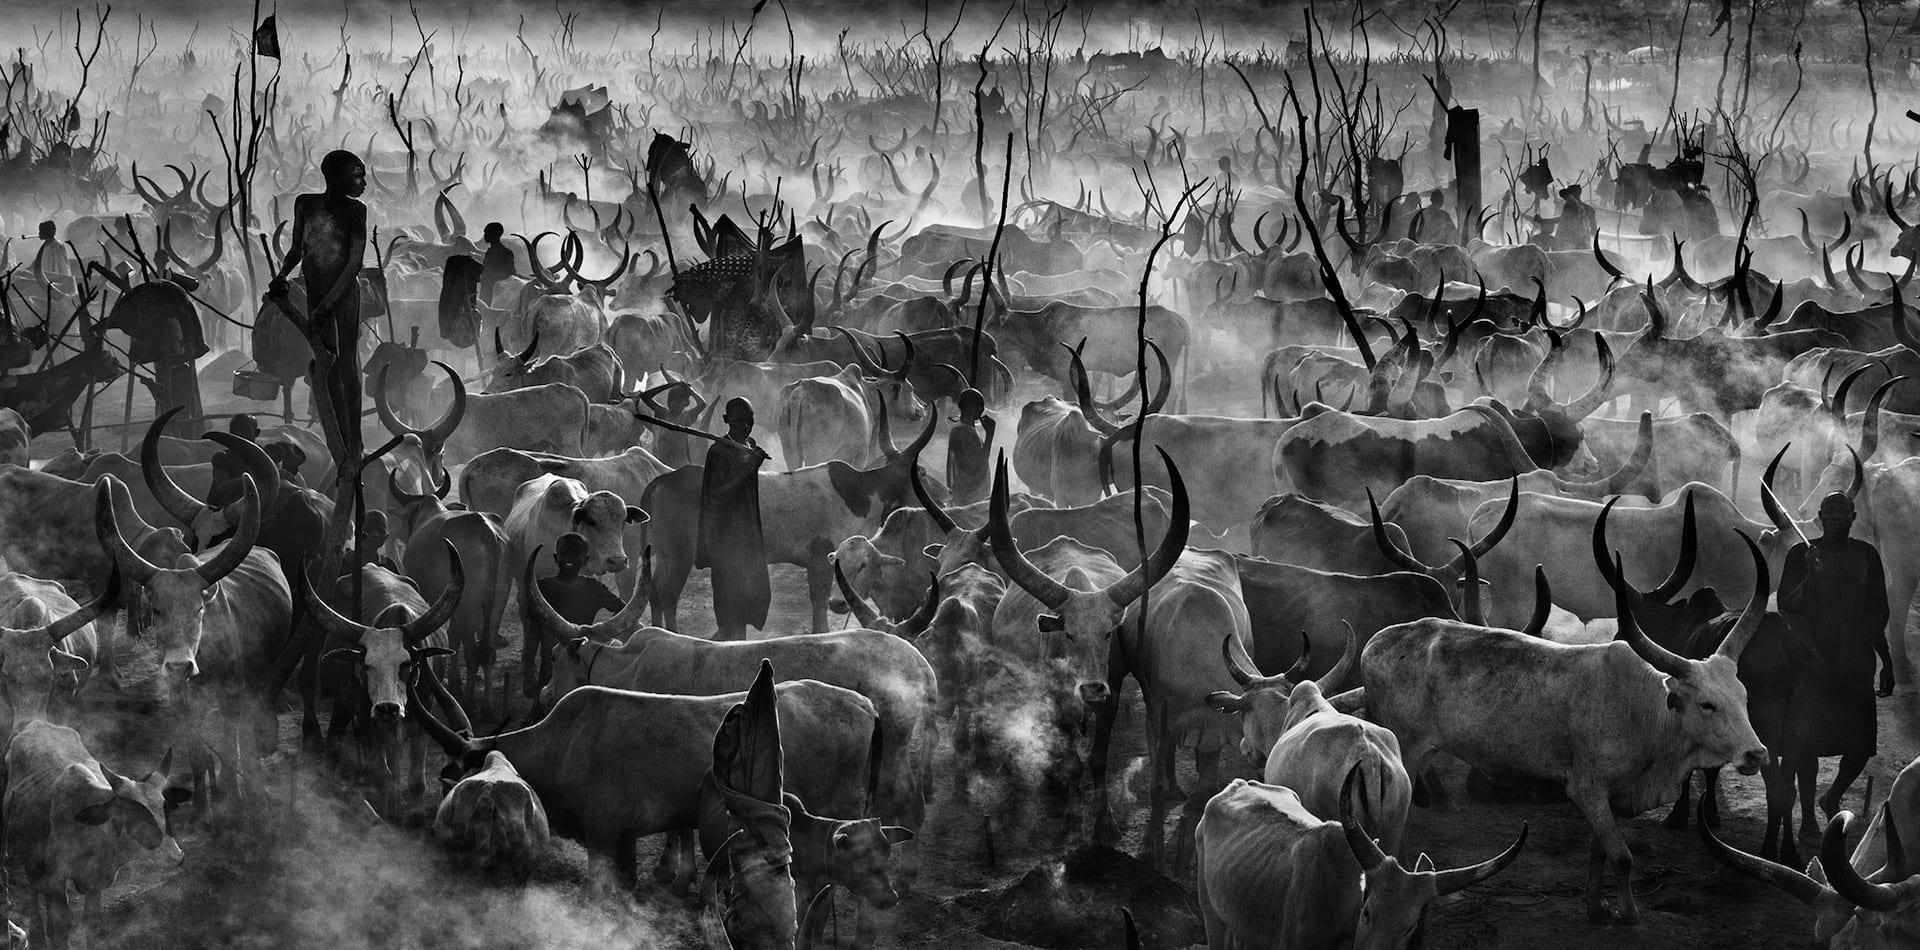 Dinka cattle camp in South Sudan